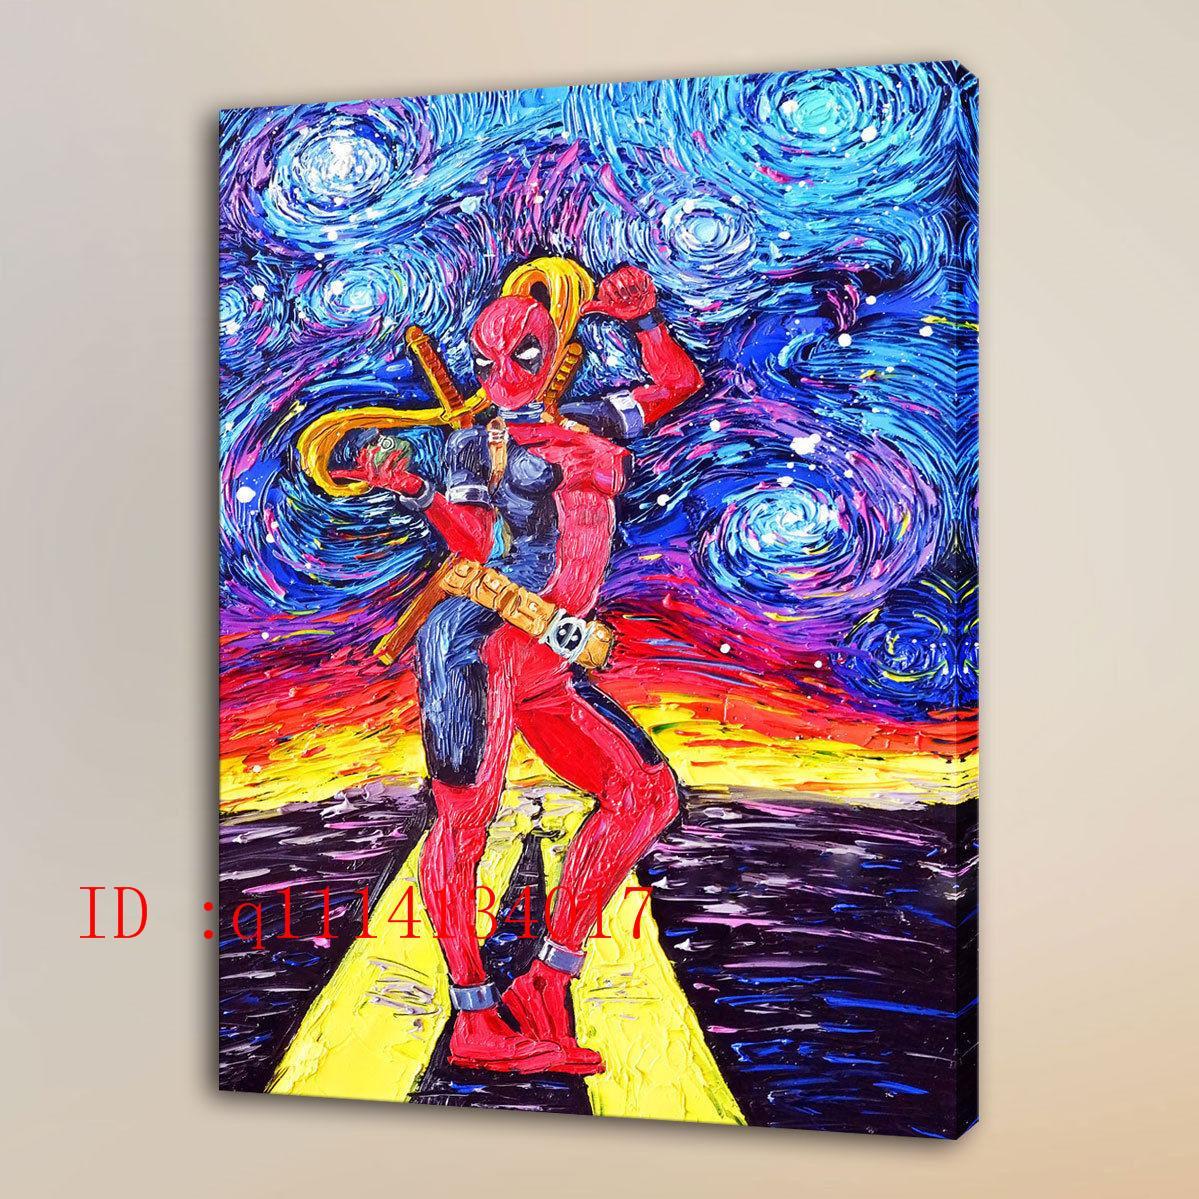 Compre Van Gogh Juego Invencible Hd Impresiones En Lienzo Arte De La ...